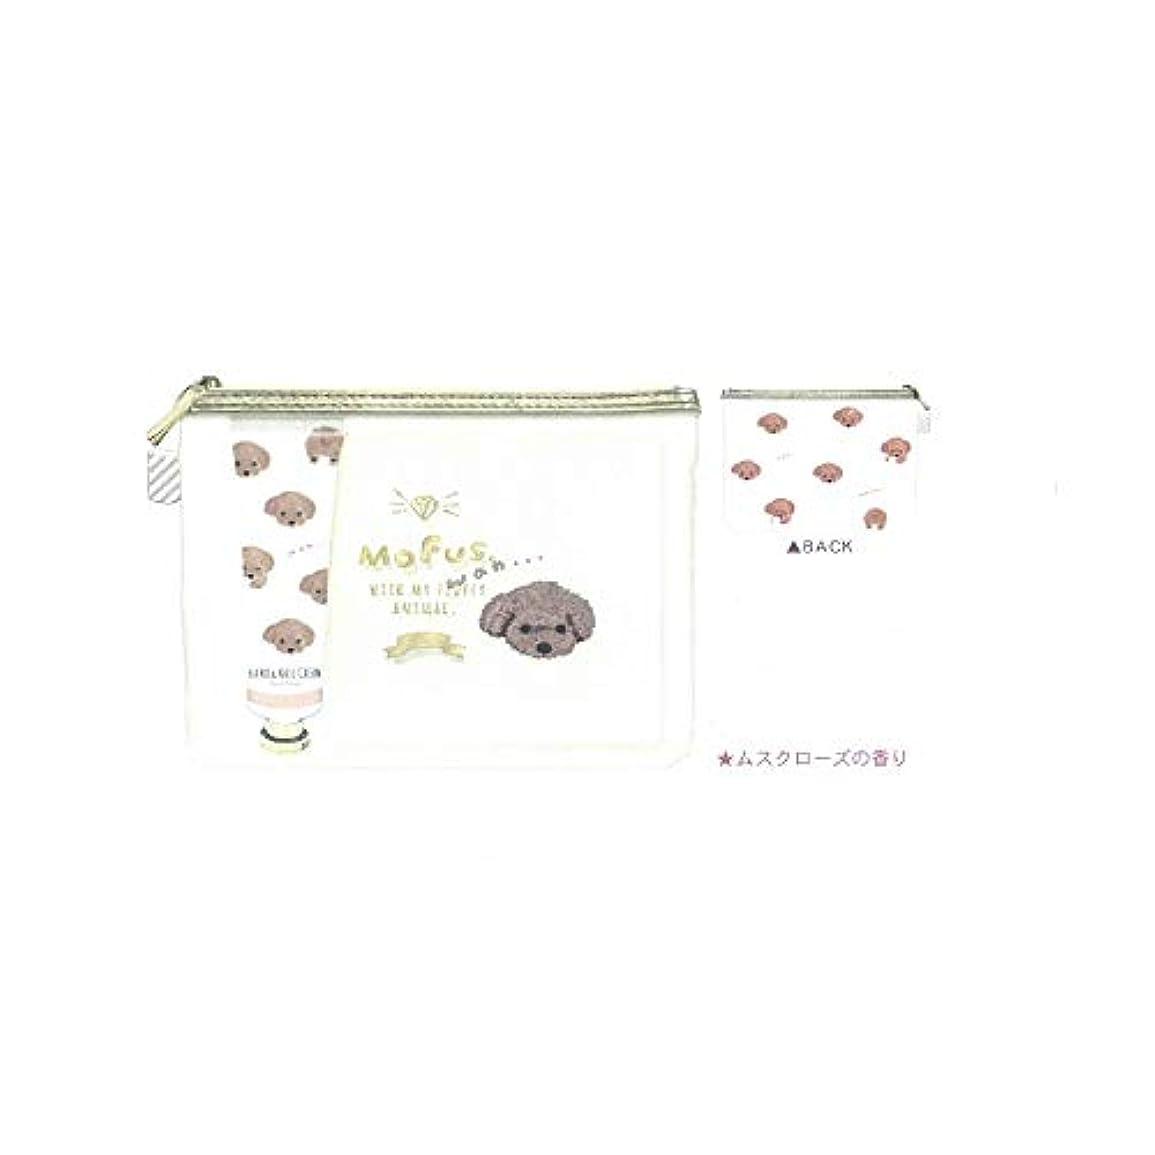 マージスリンクサイレント【ハンドケアギフトセット】ローズ&ベリーの香り◆モフズ といぷー (49224)